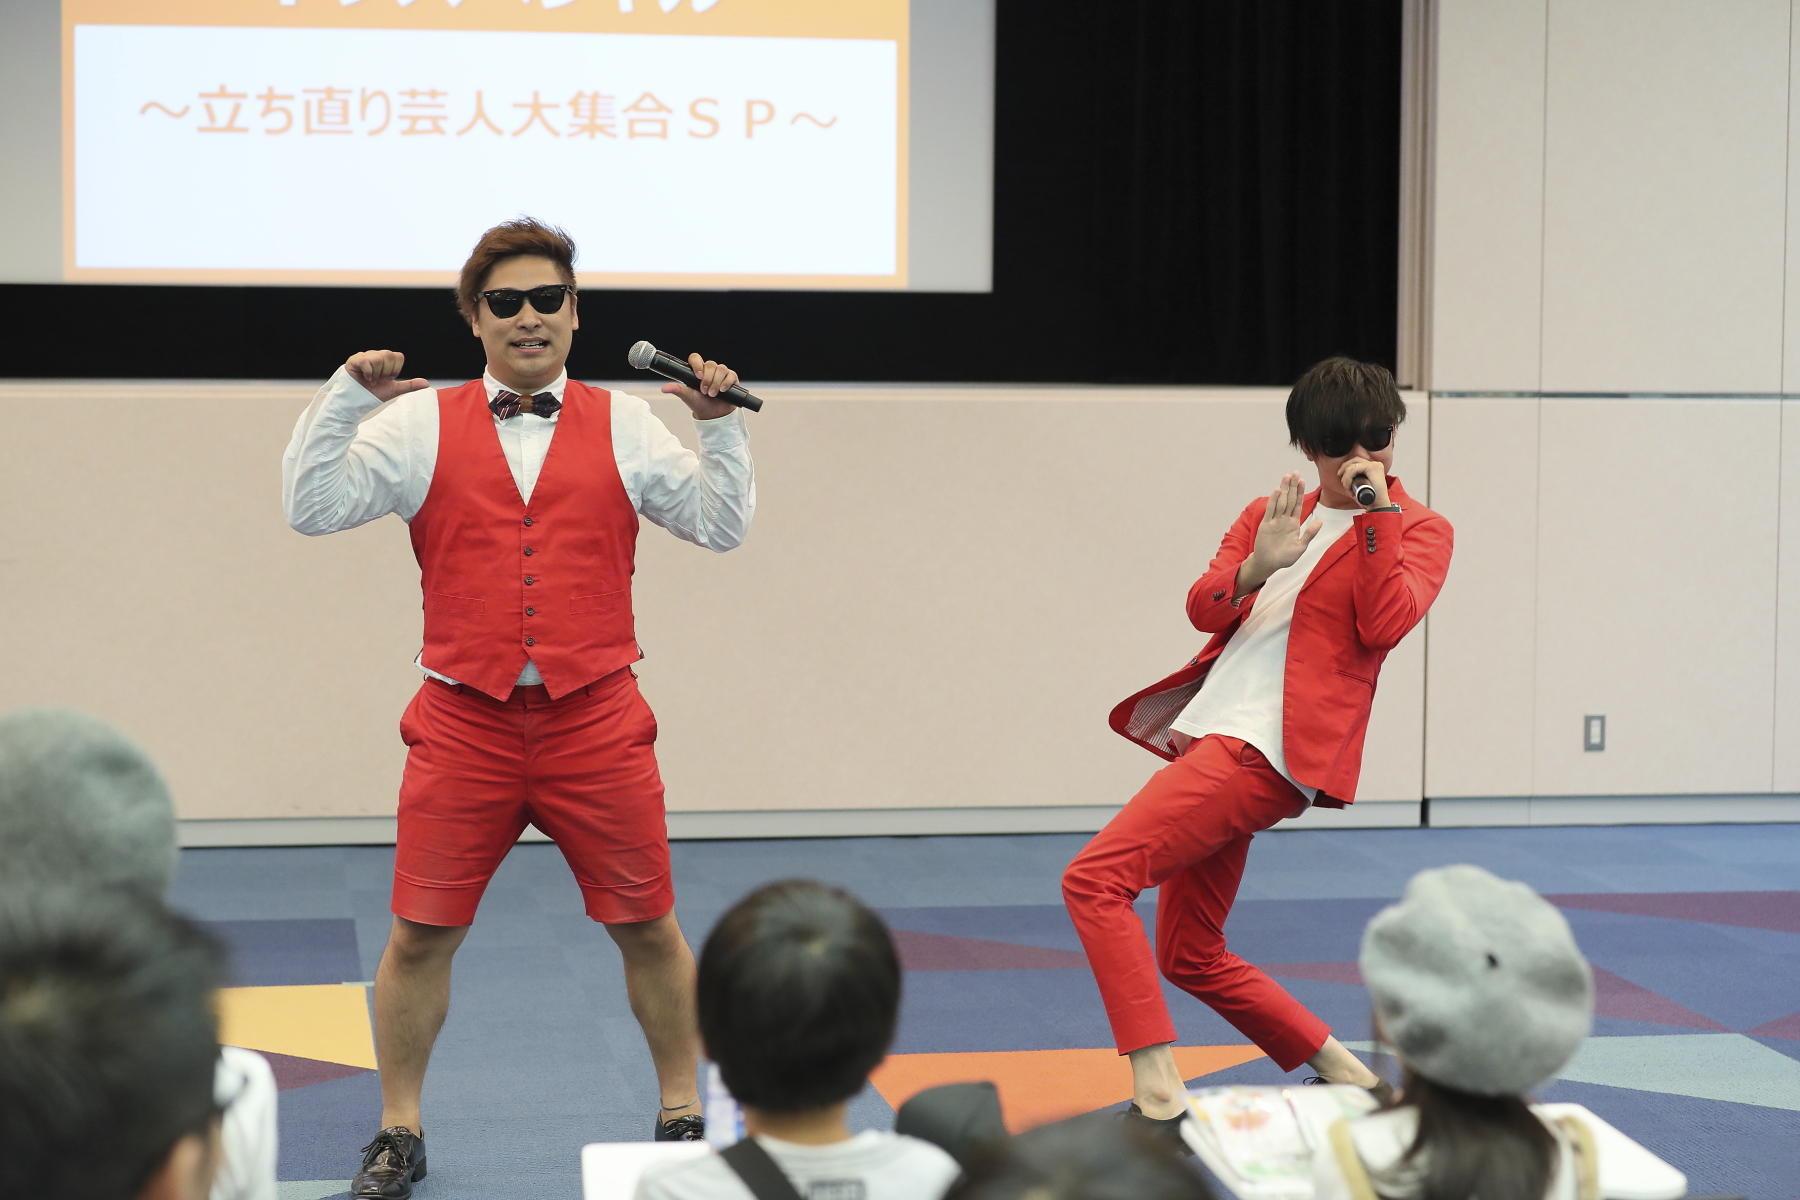 http://news.yoshimoto.co.jp/20181006202728-75d7b3d146a9a7b496e49fa16bcde17812d26a0f.jpg